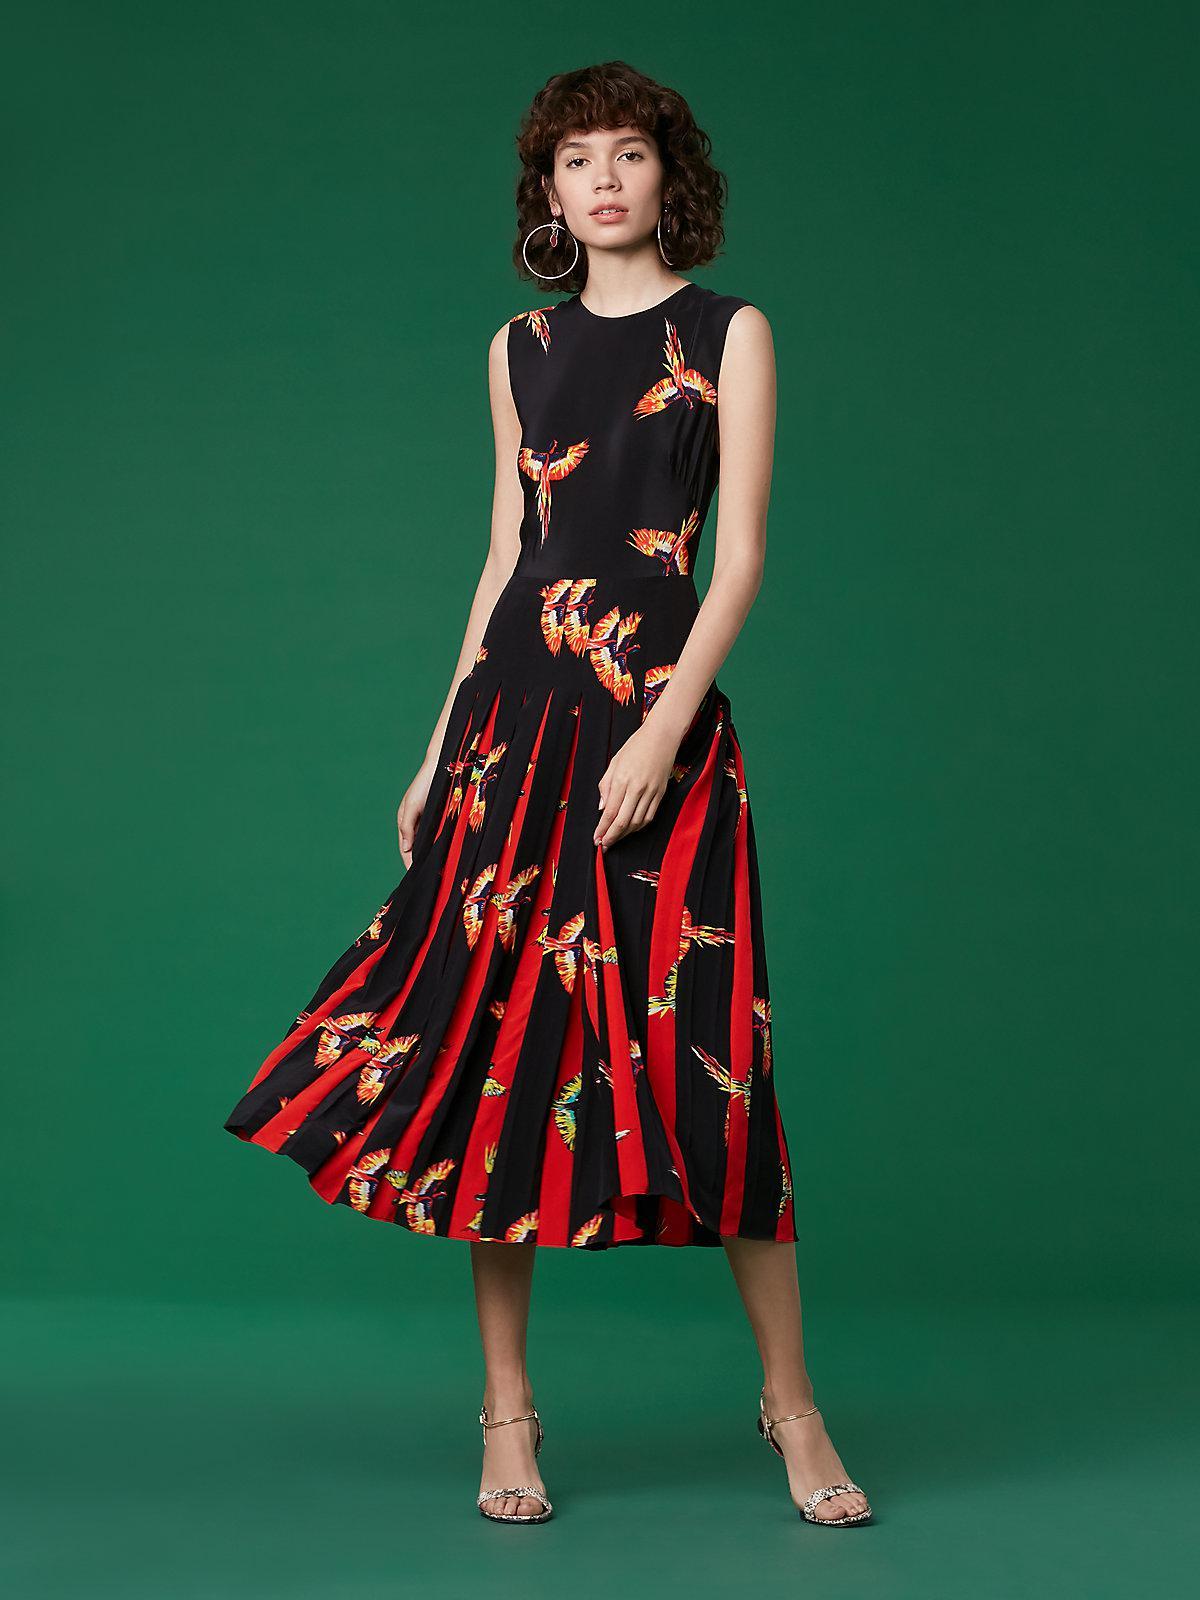 c6c6956d58388 Diane von Furstenberg The Dvf Talita Dress in Red - Save 60% - Lyst